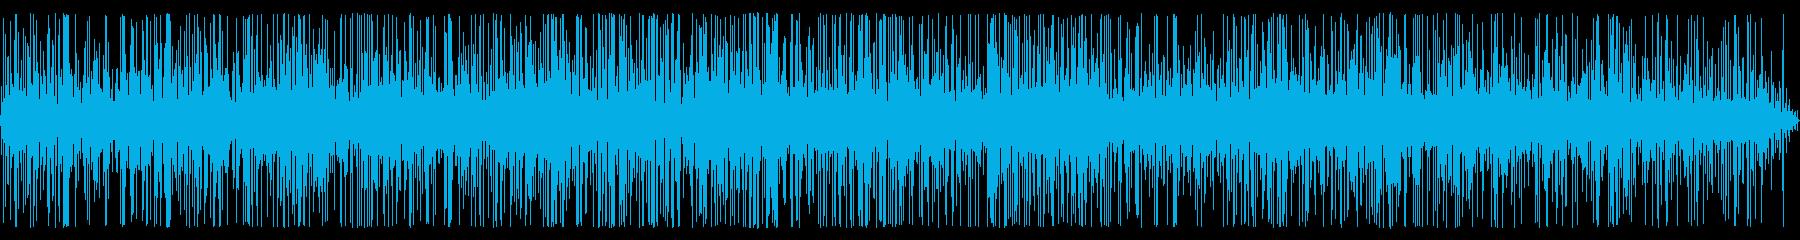 【自然音】四季の森公園・雨#4(HPL)の再生済みの波形